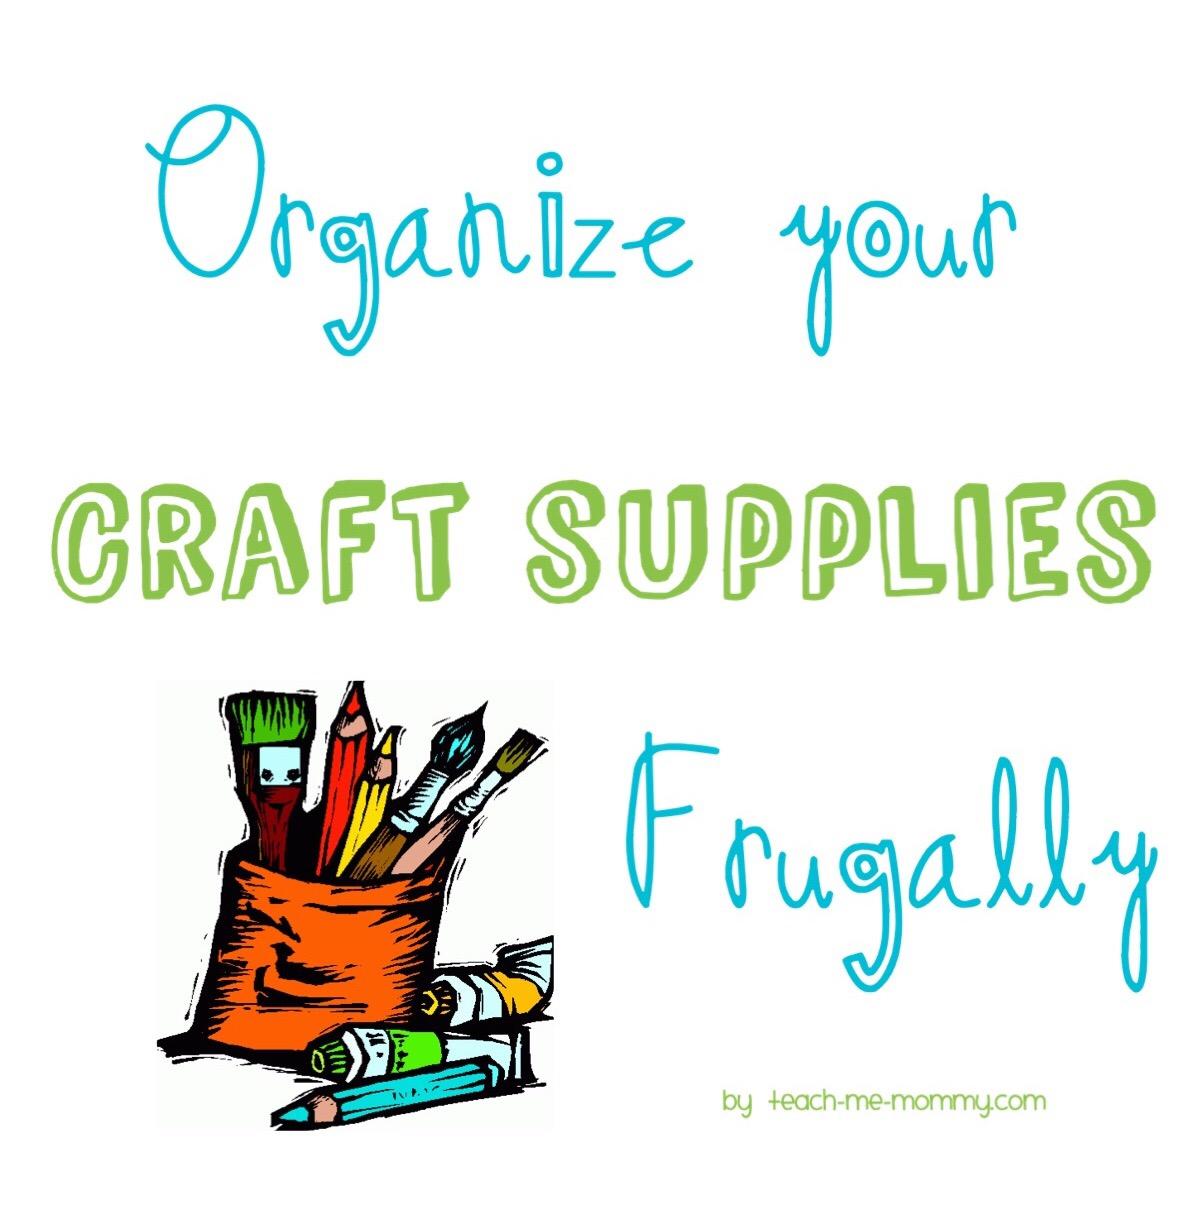 (organize craft supplies)